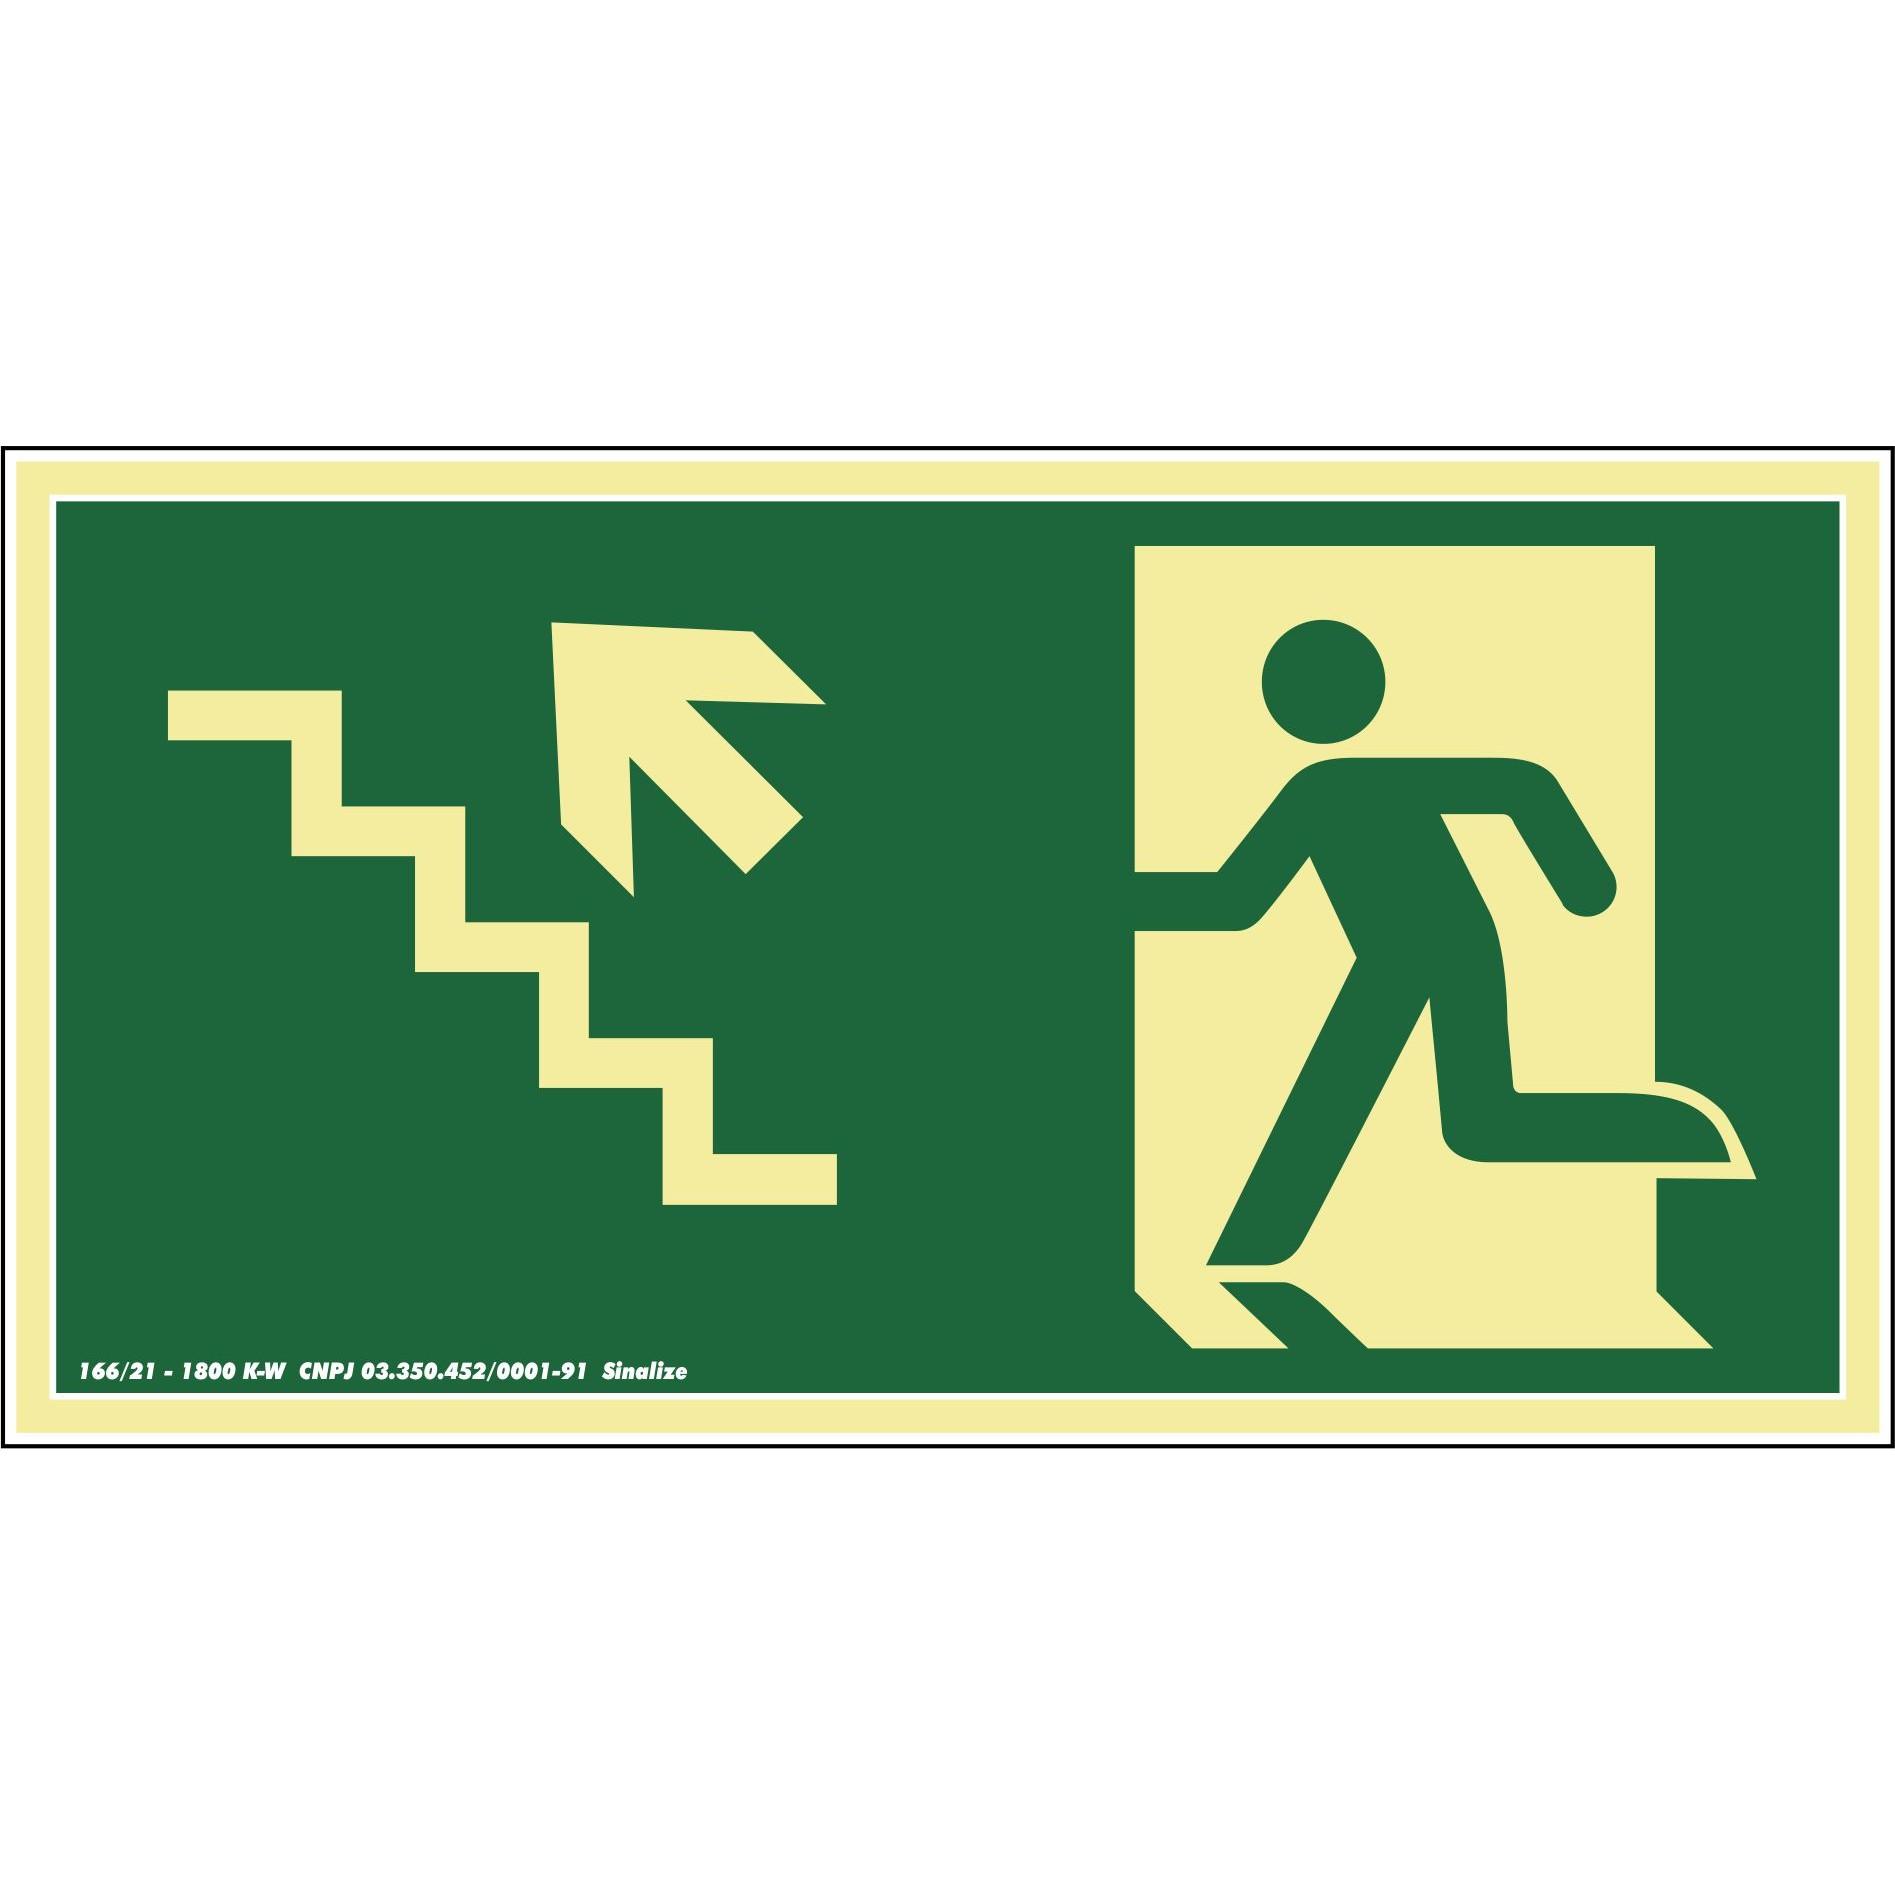 Placa de PVC Saida De Emergencia - Escada Sobe A Esquerda 30cm x 15cm Verde Escuro - Sinalize